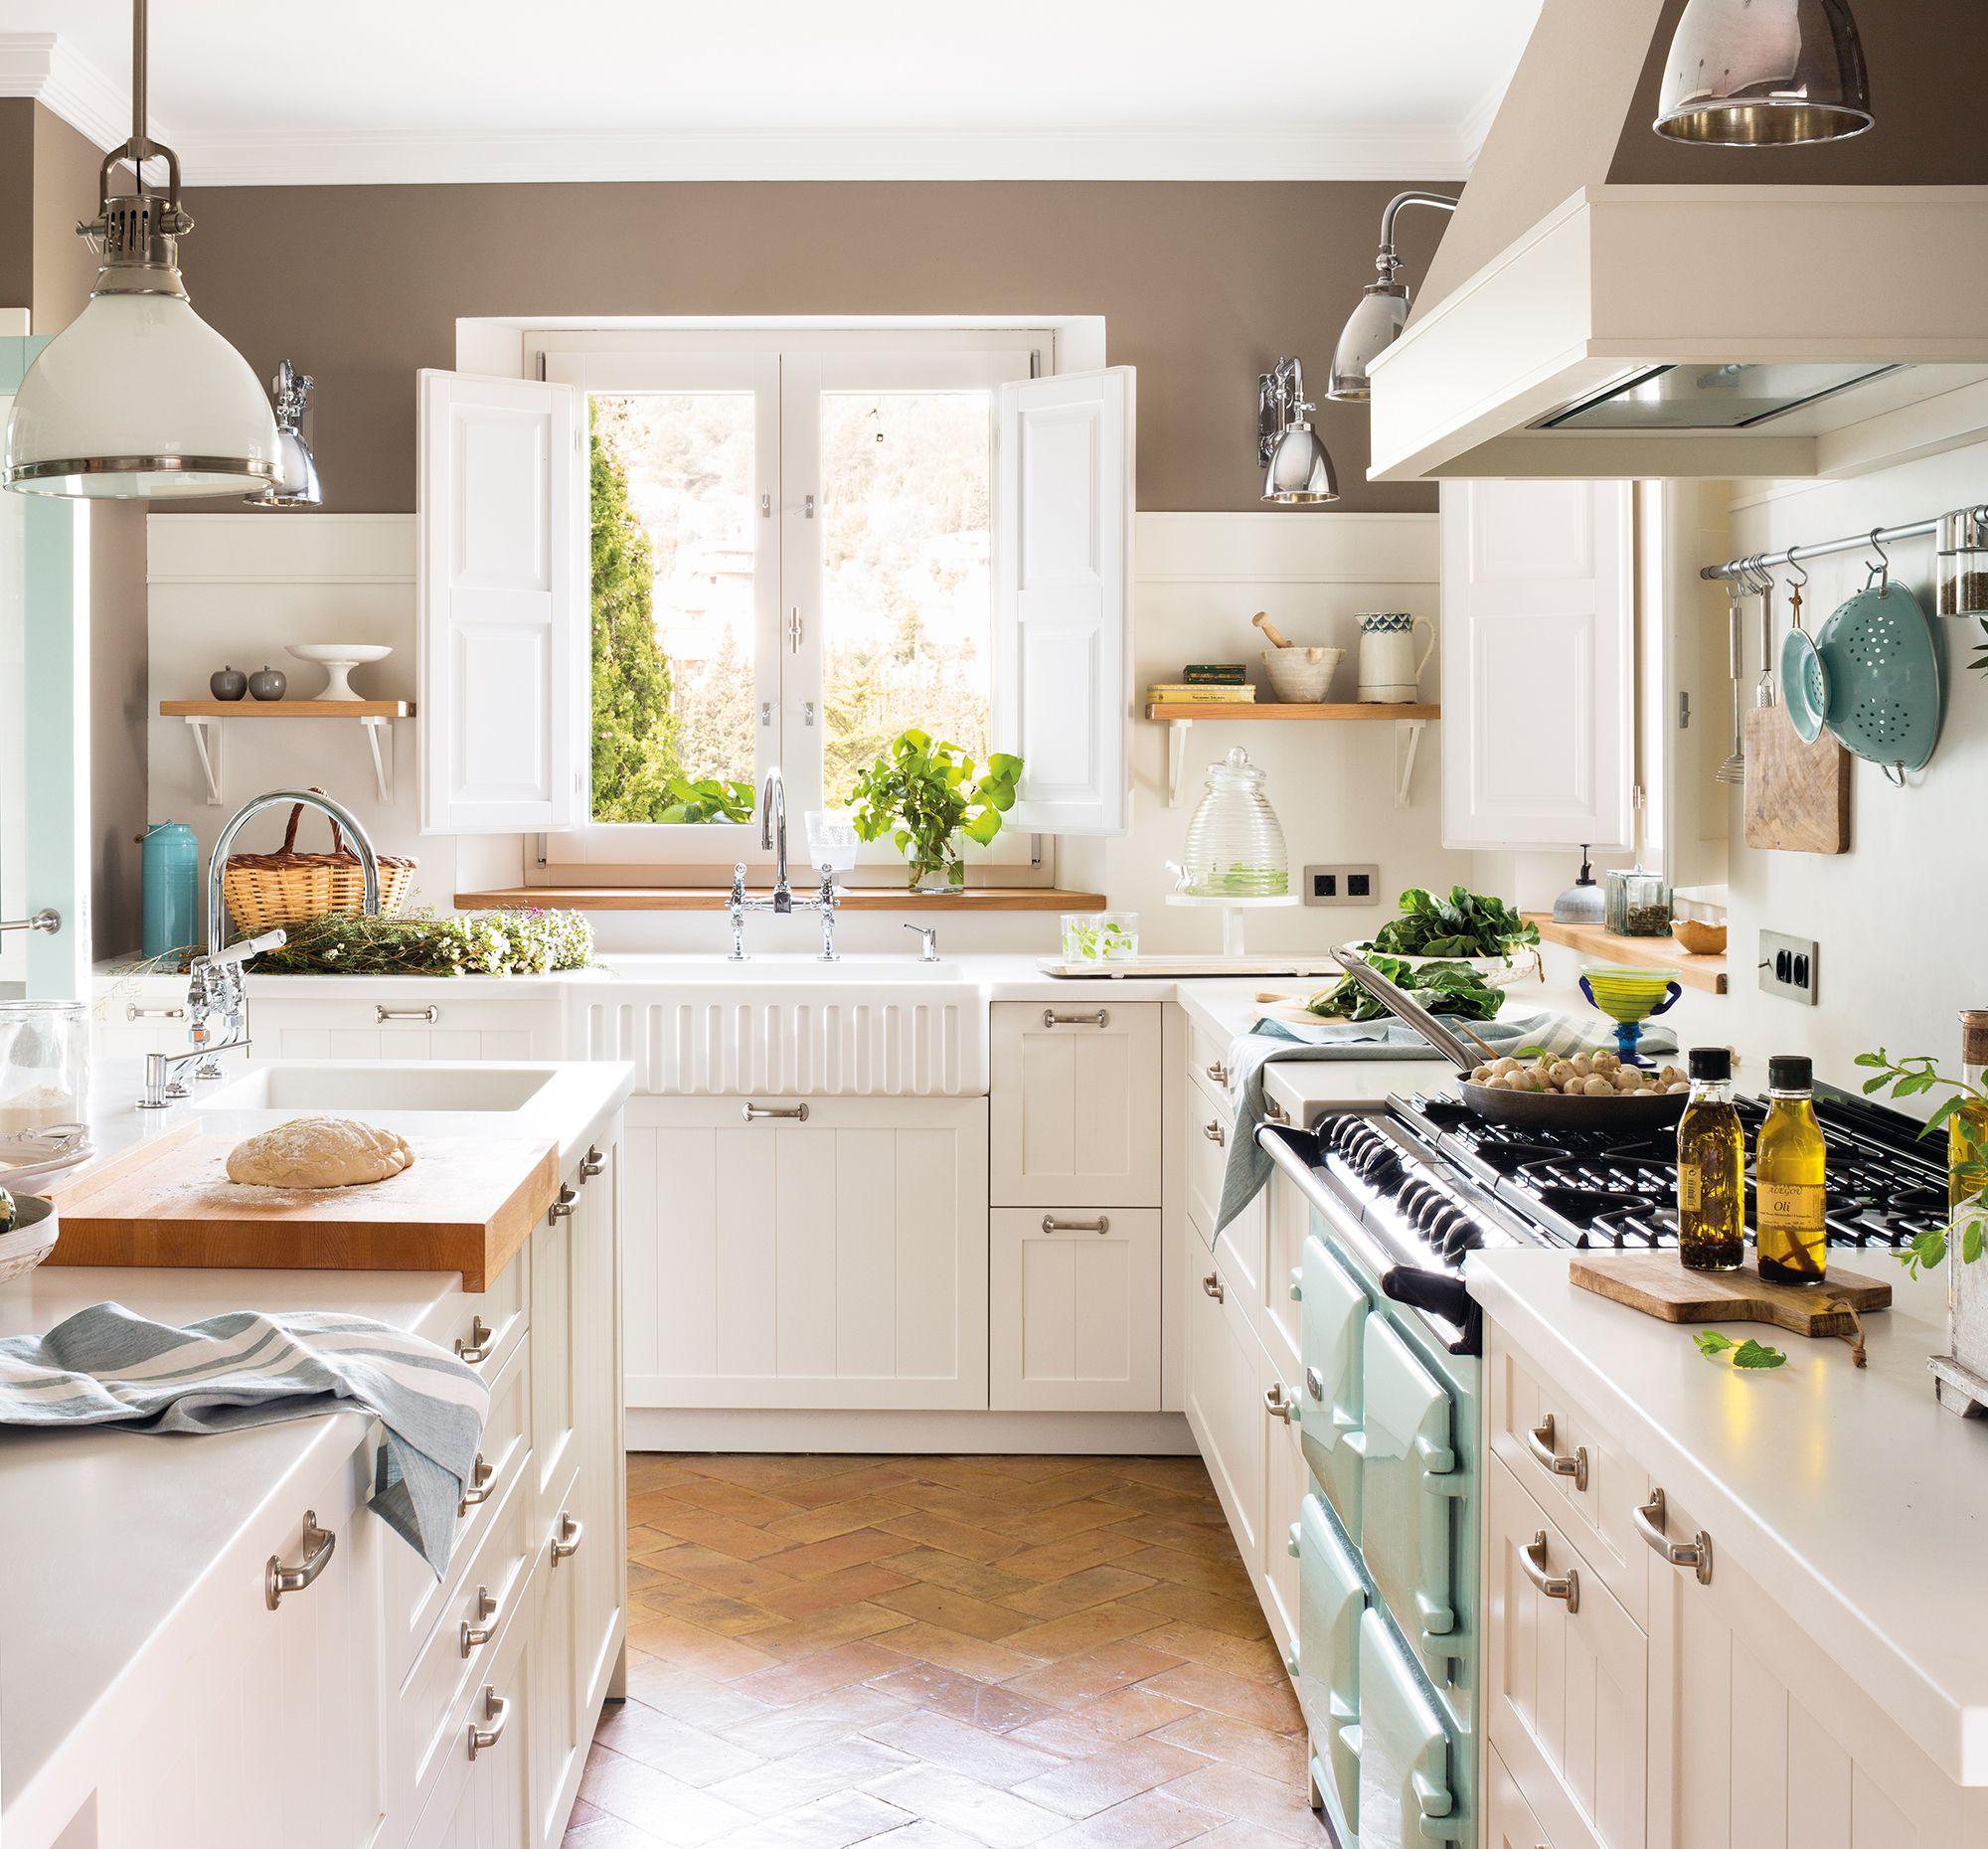 Cocina con muebles en blanco y pared en piedra | Piedra, Blanco y ...